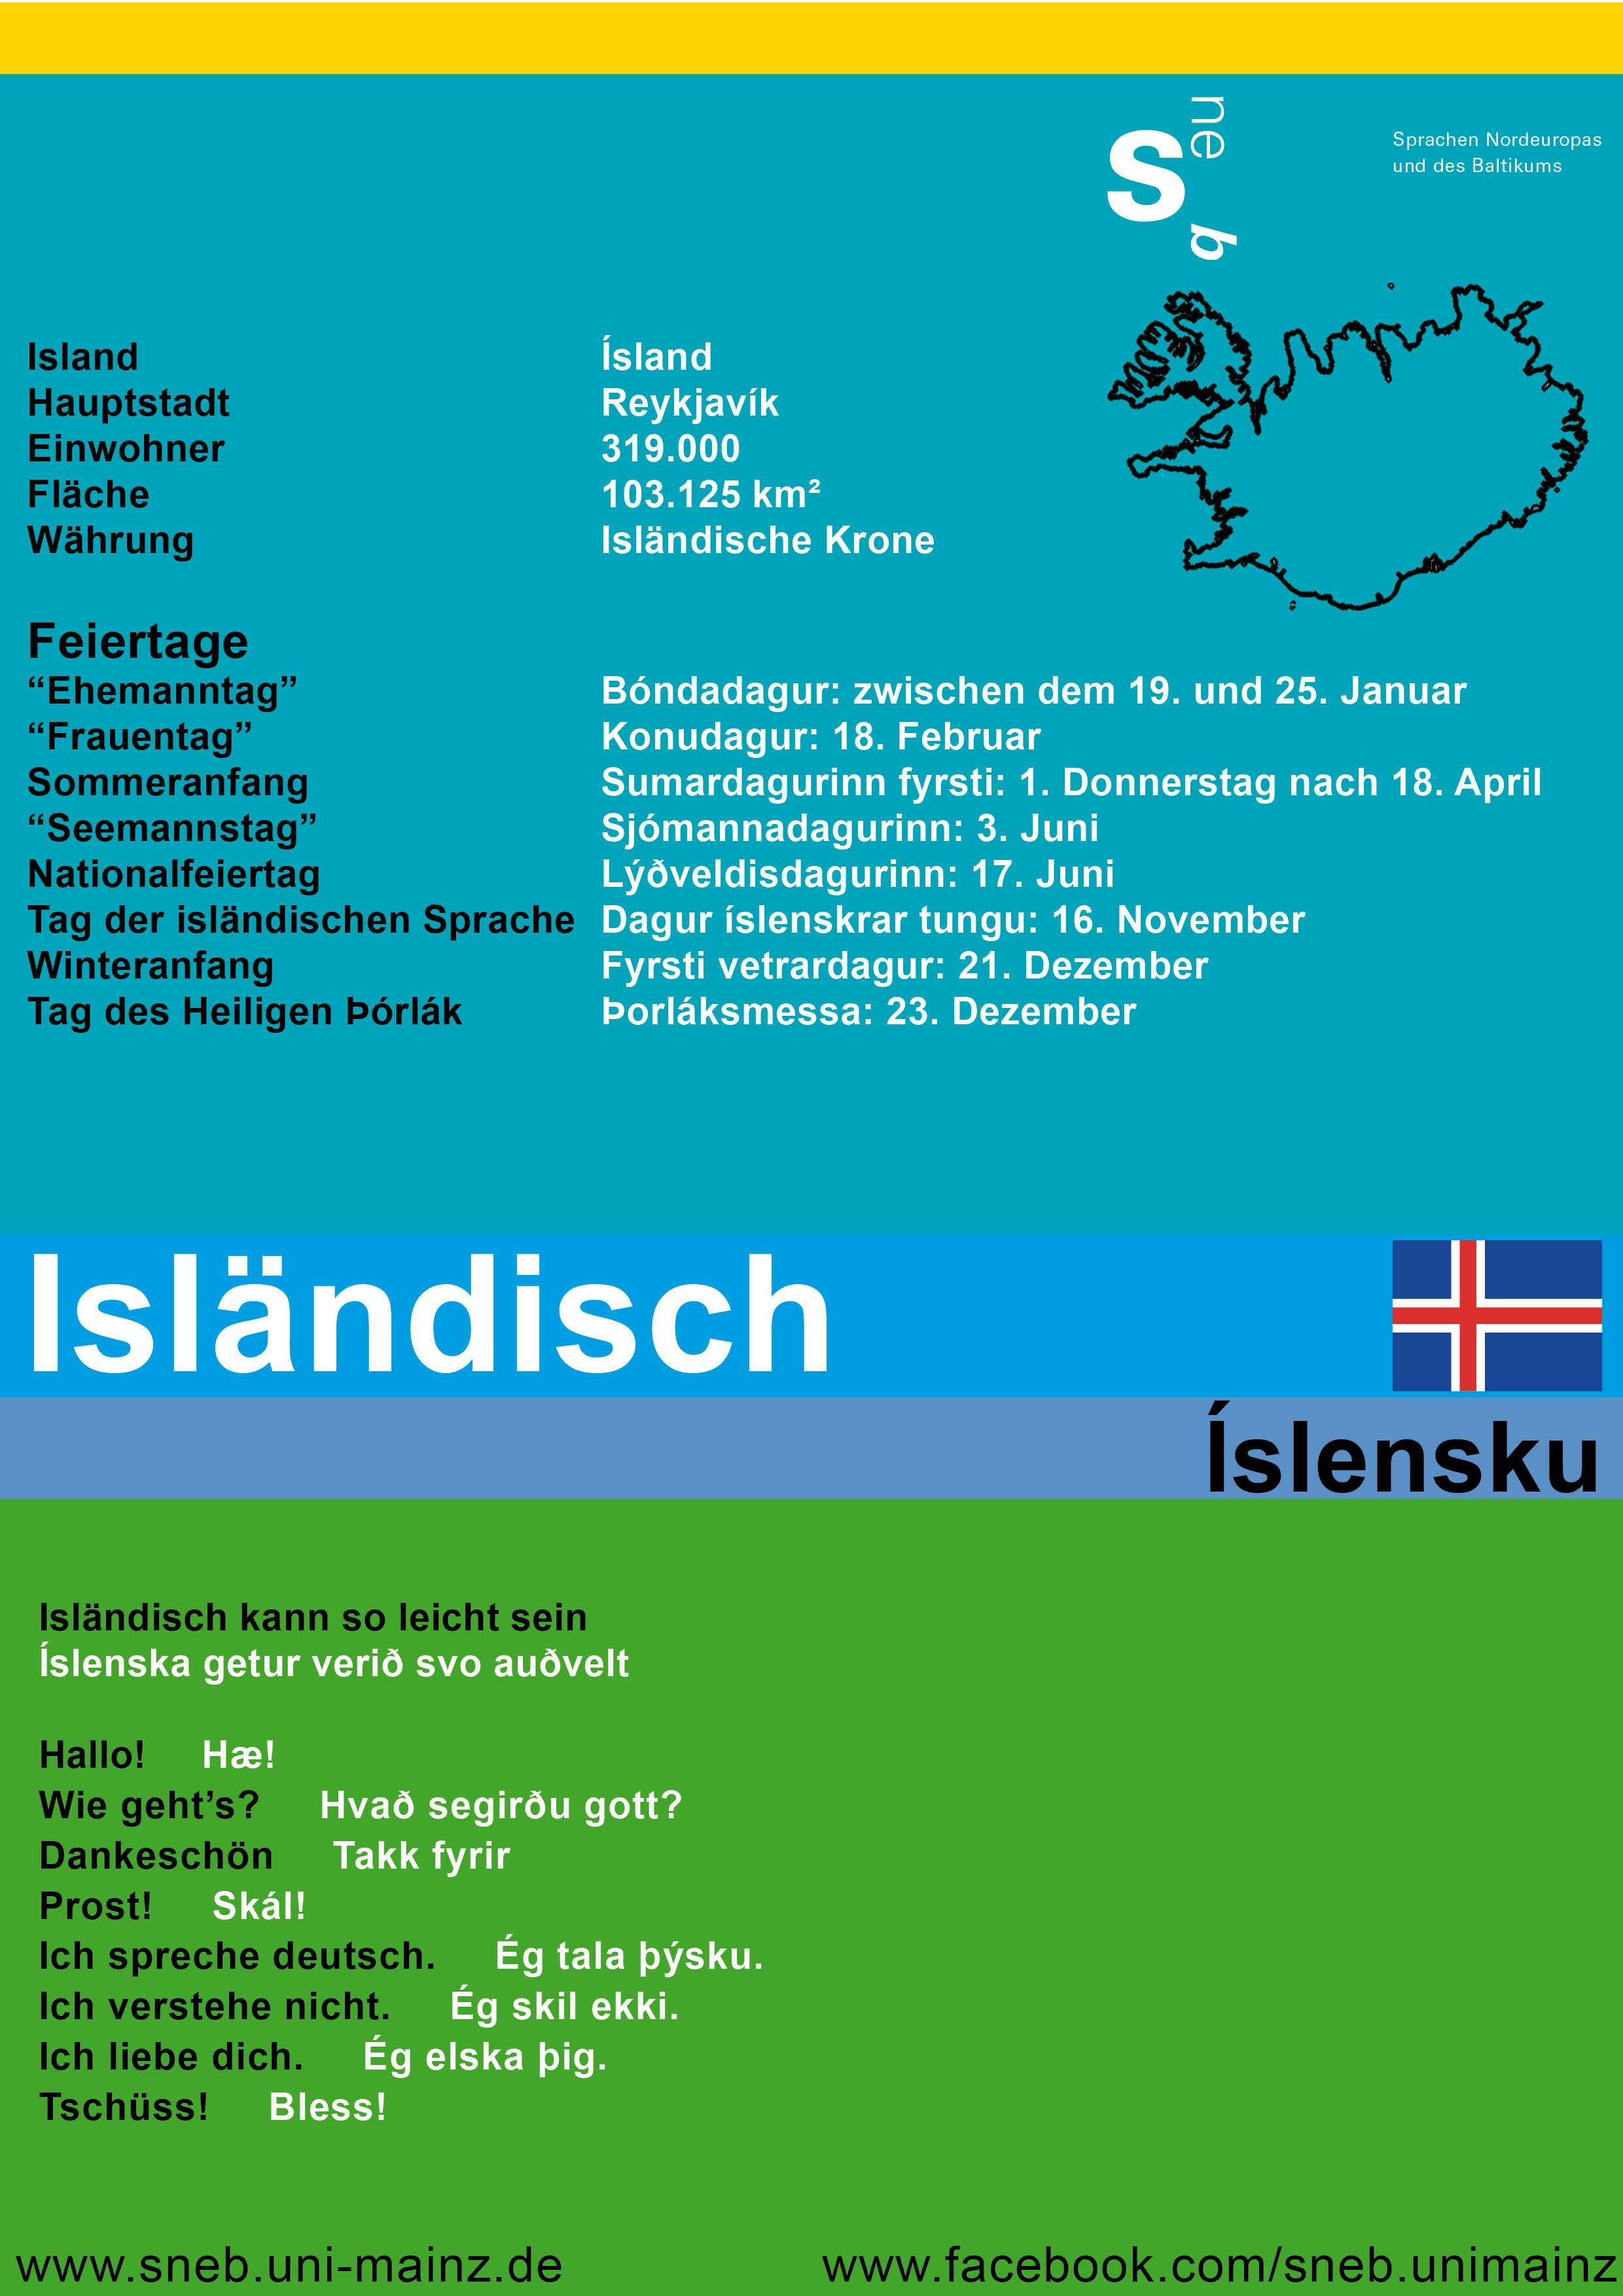 Tafel Island2